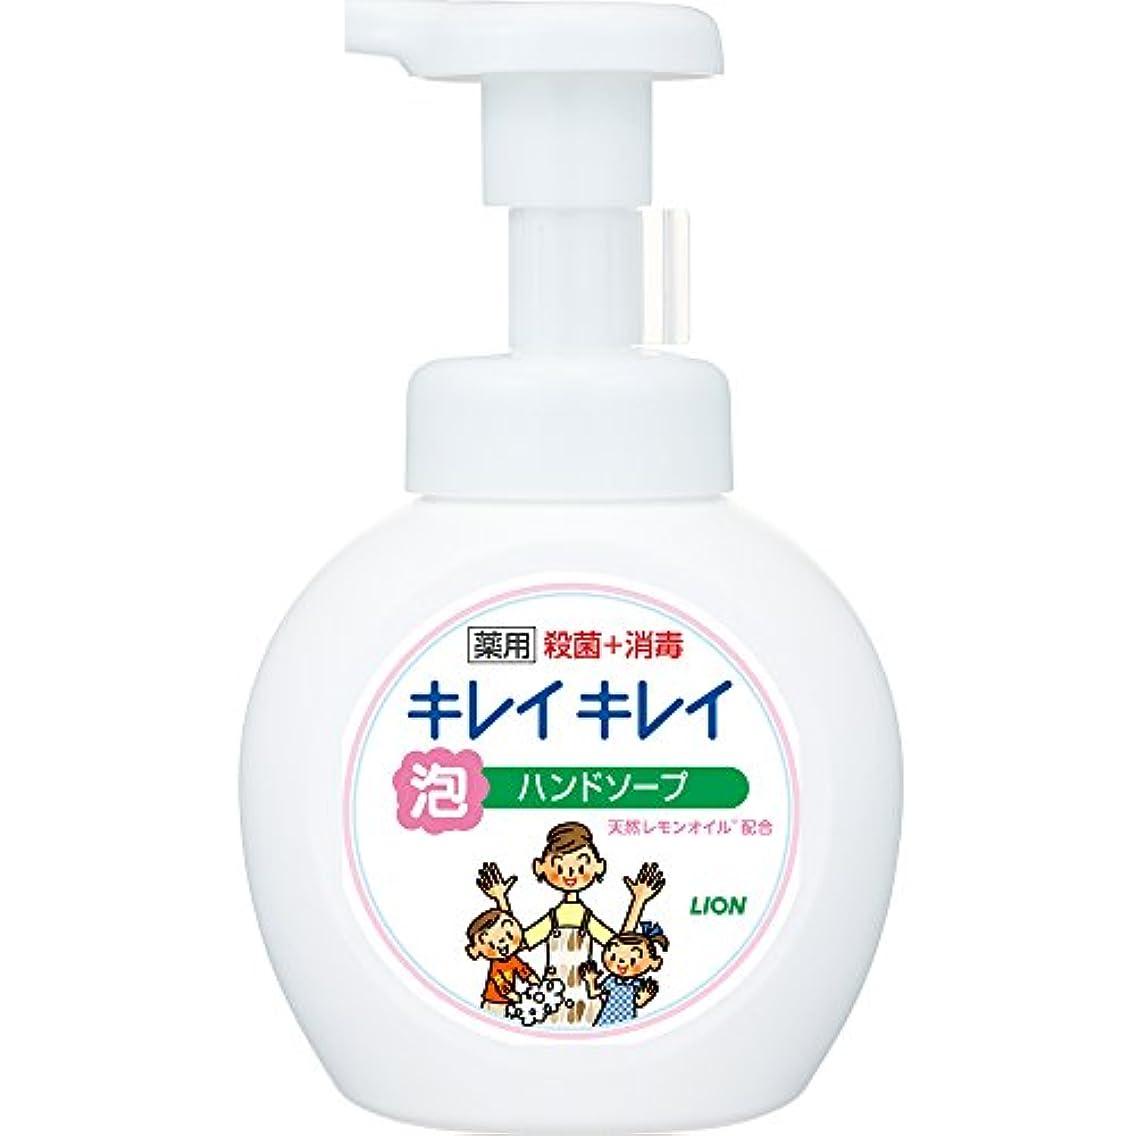 ノート永続従来のキレイキレイ 薬用 泡ハンドソープ シトラスフルーティの香り 本体ポンプ 250ml(医薬部外品)